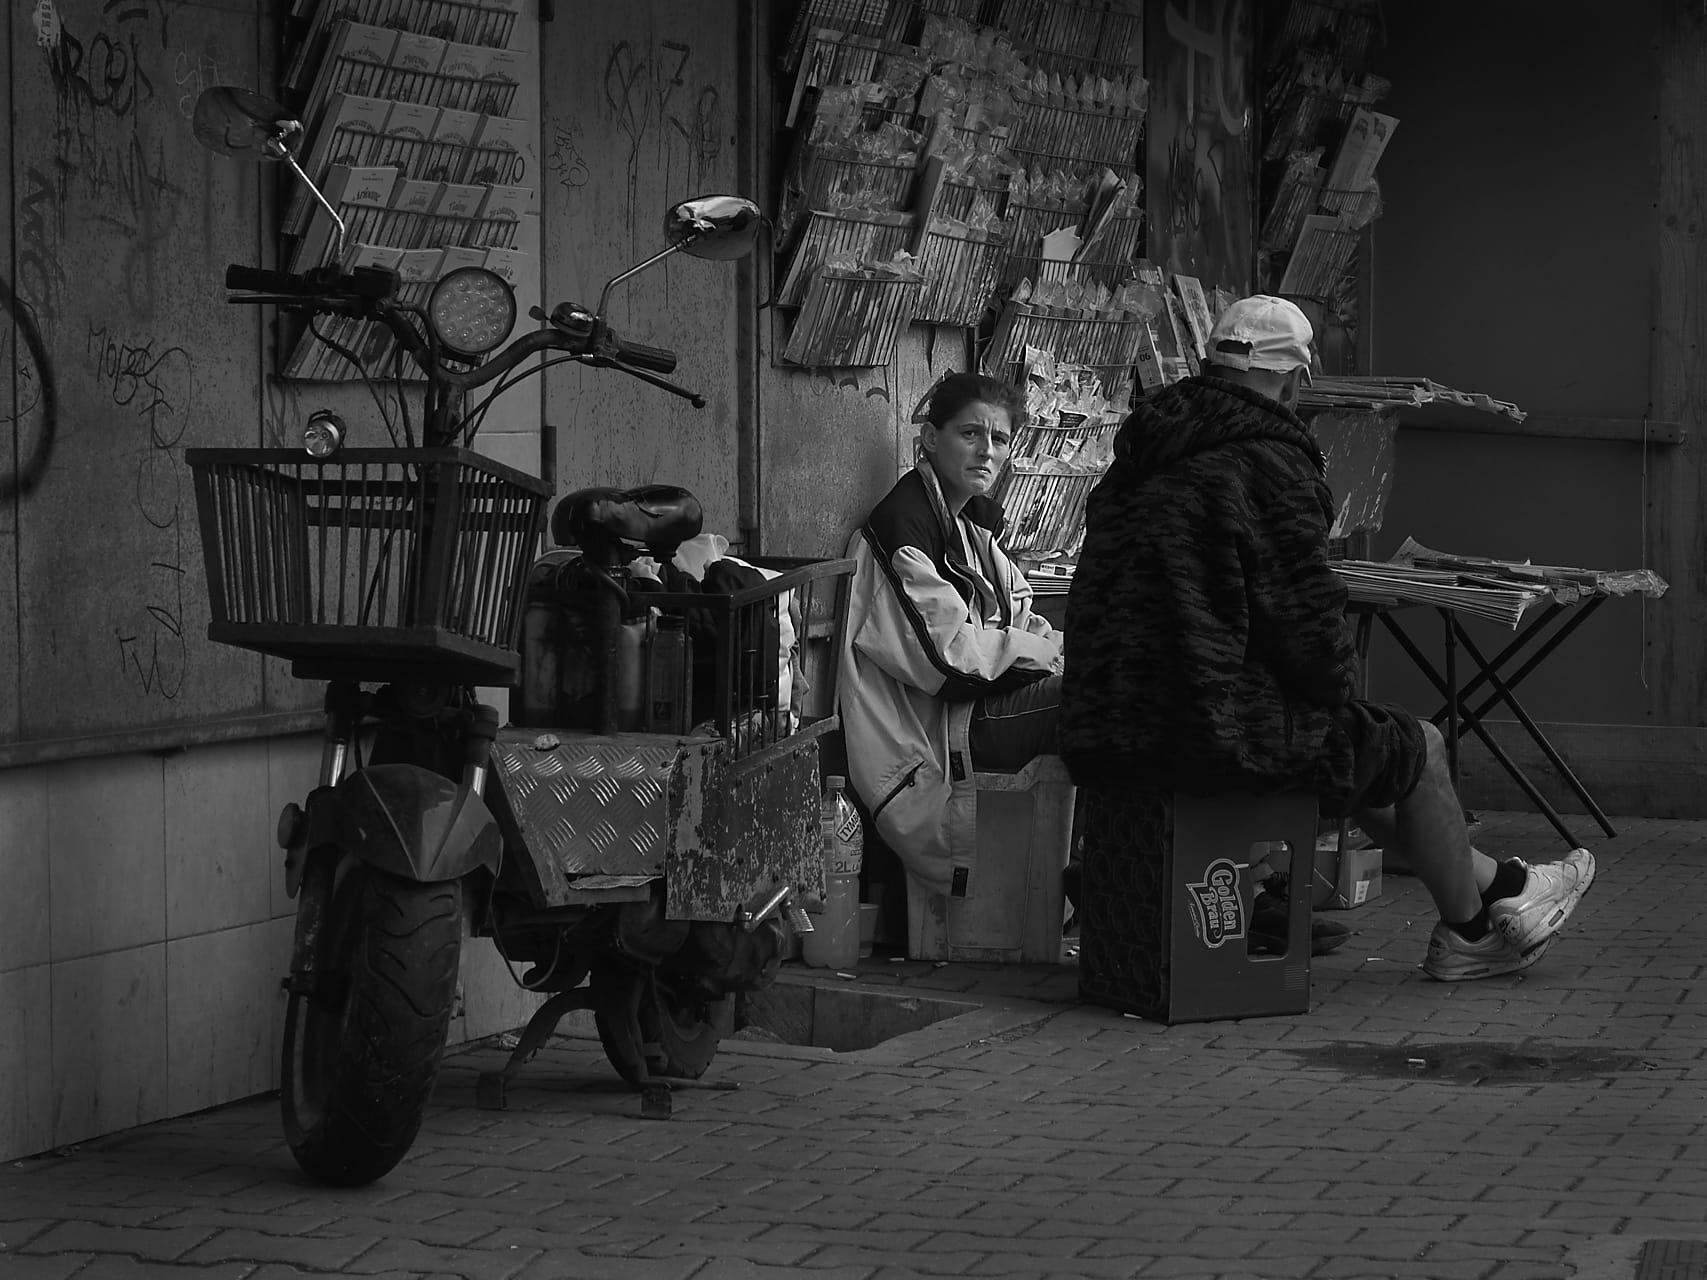 La vendedora de periódicos